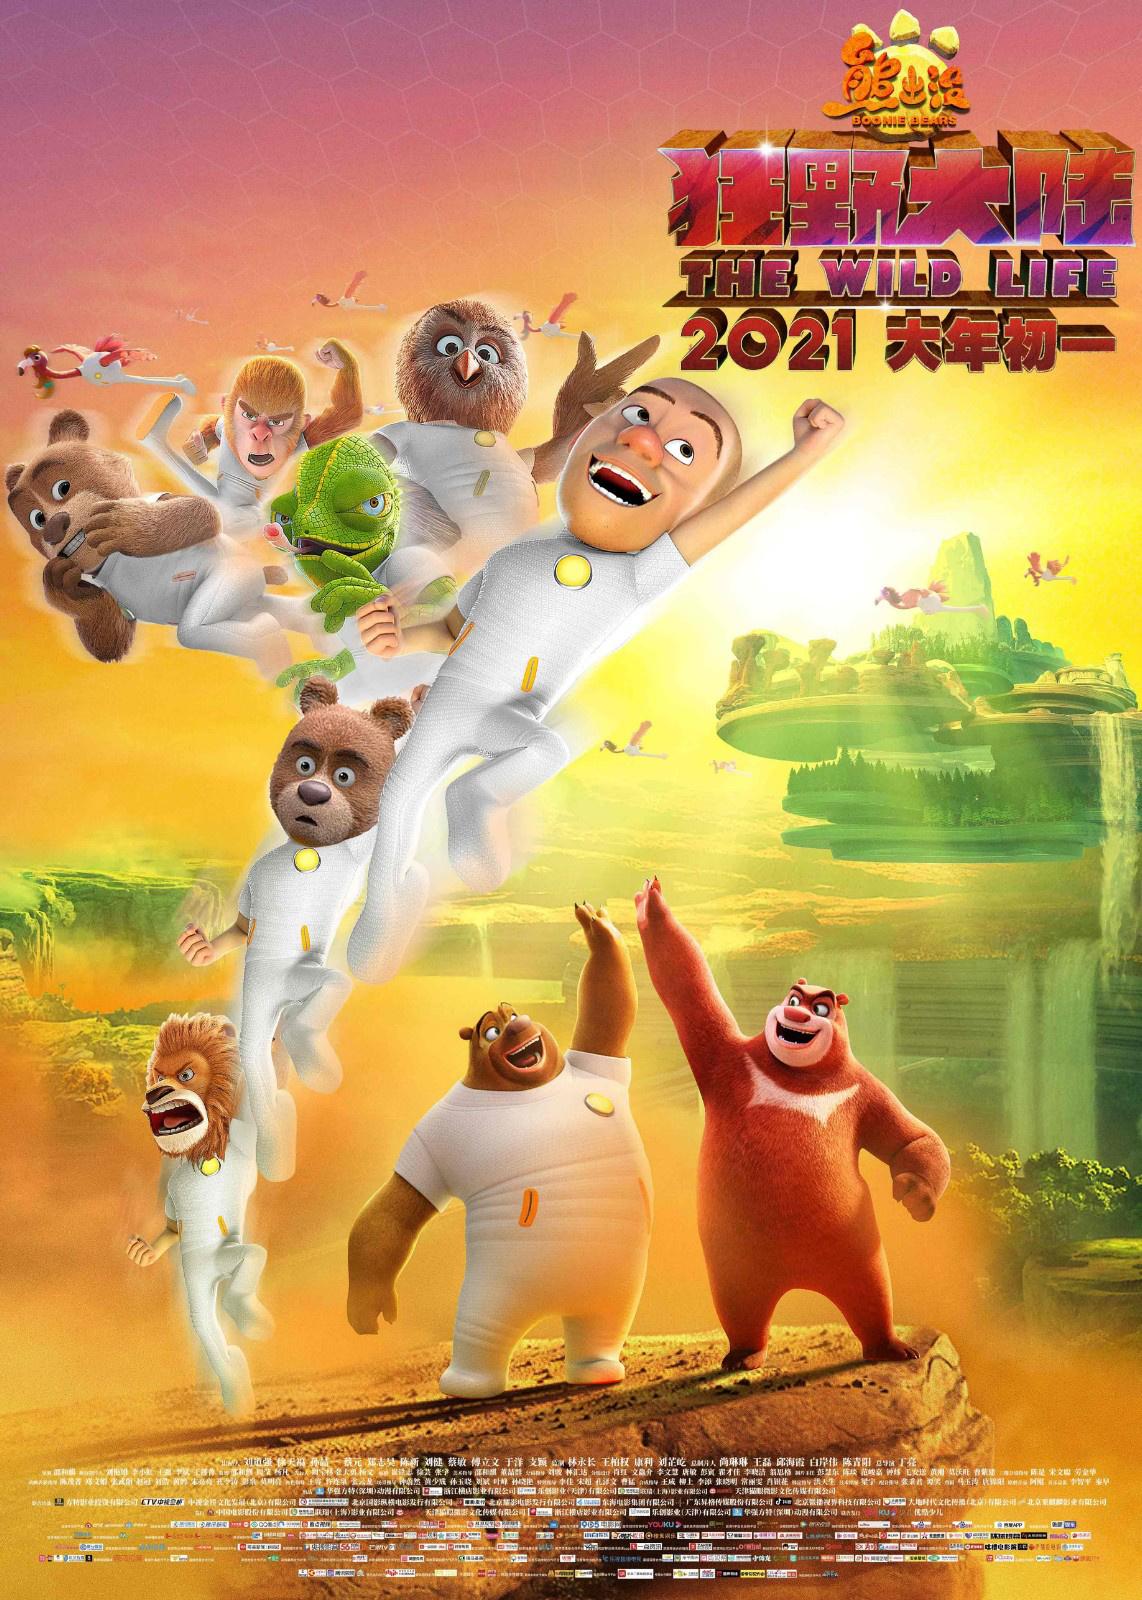 《熊出没·狂野大陆》新海报曝光光头强边画《熊3》